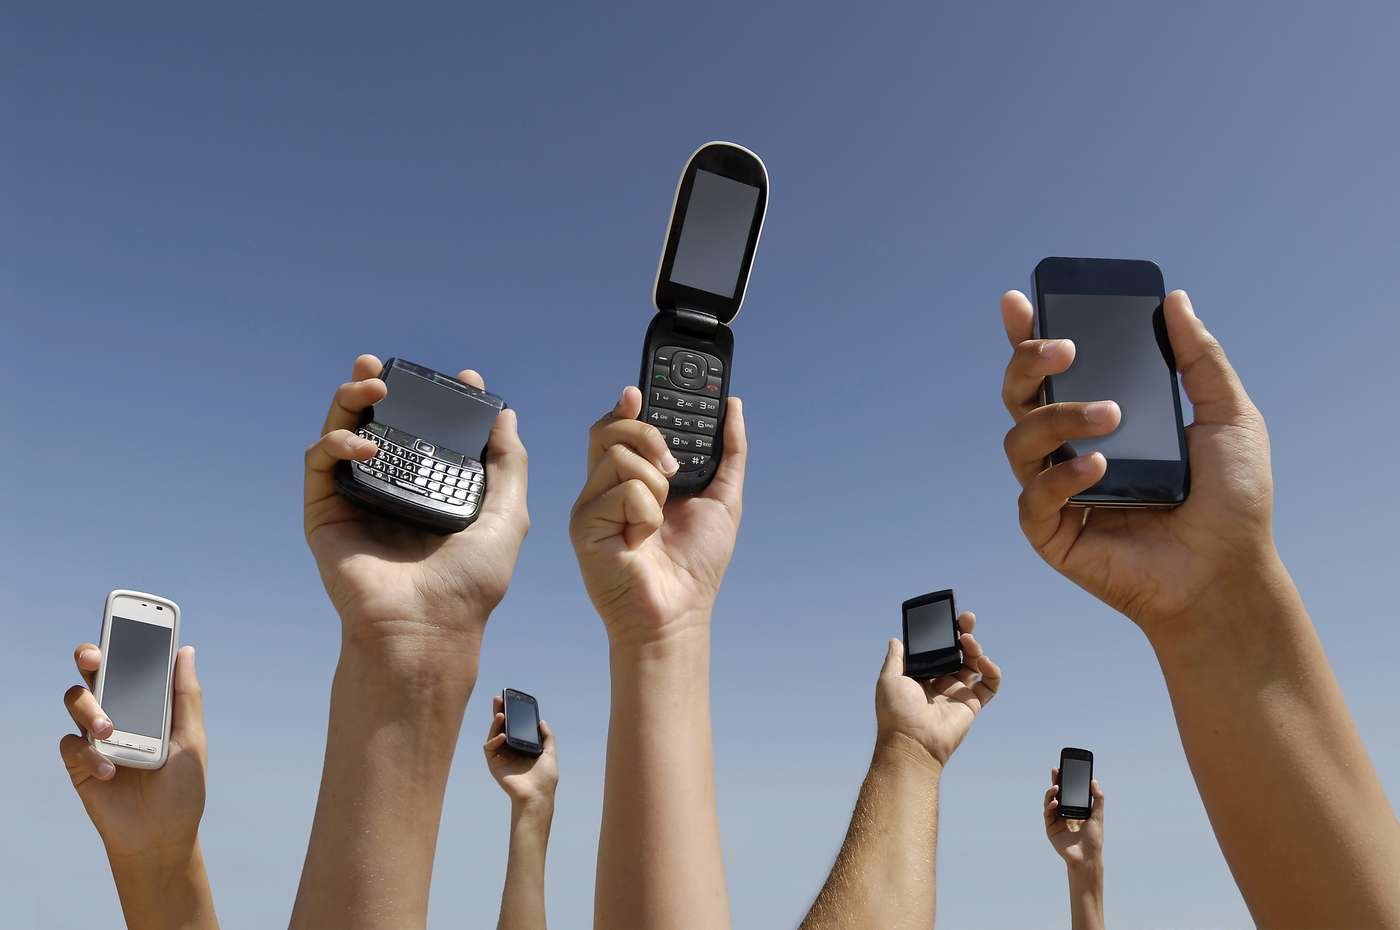 Le relevé d'identité opérateur est un identifiant unique associé à une ligne téléphonique fixe ou mobile. Son obtention est obligatoire pour pouvoir changer d'opérateur et conserver son numéro d'appelant. © Luis Louro, Shutterstock